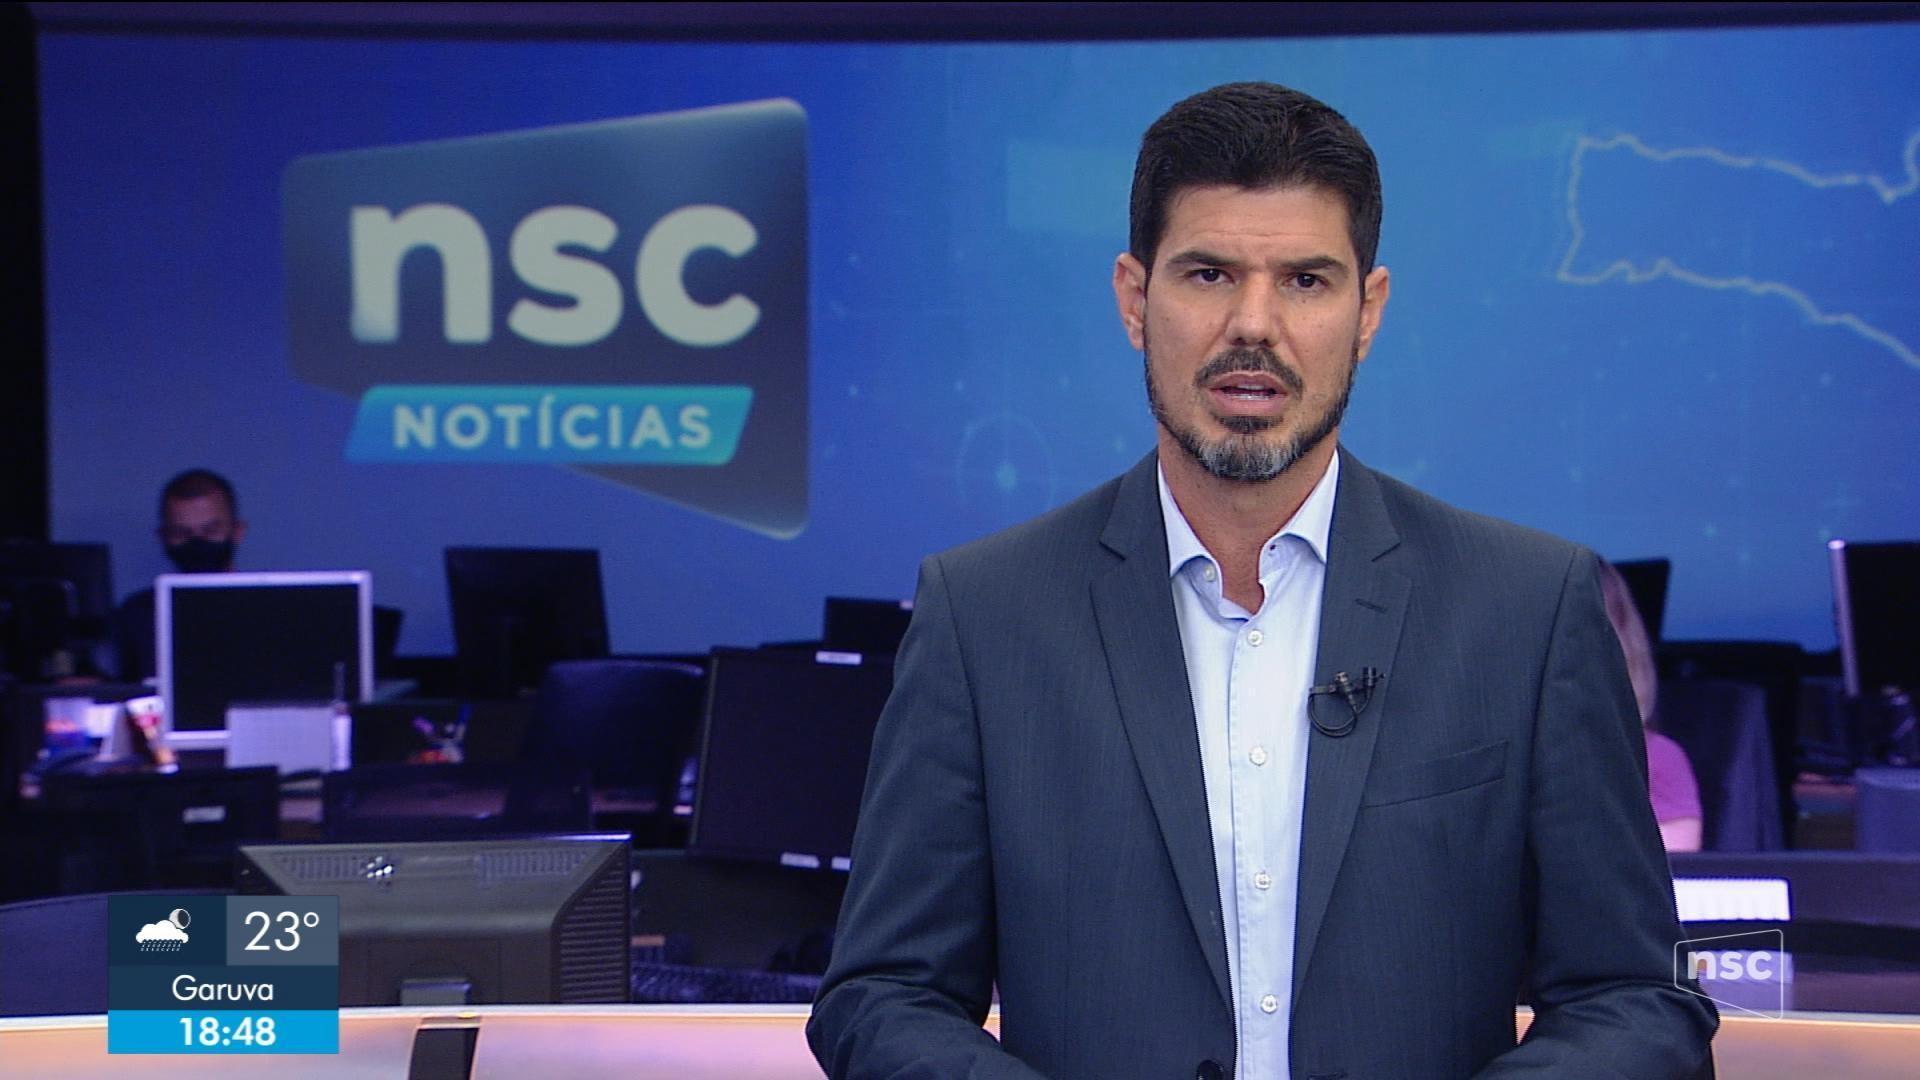 VÍDEOS: NSC Notícias de quarta-feira, 30 de setembro